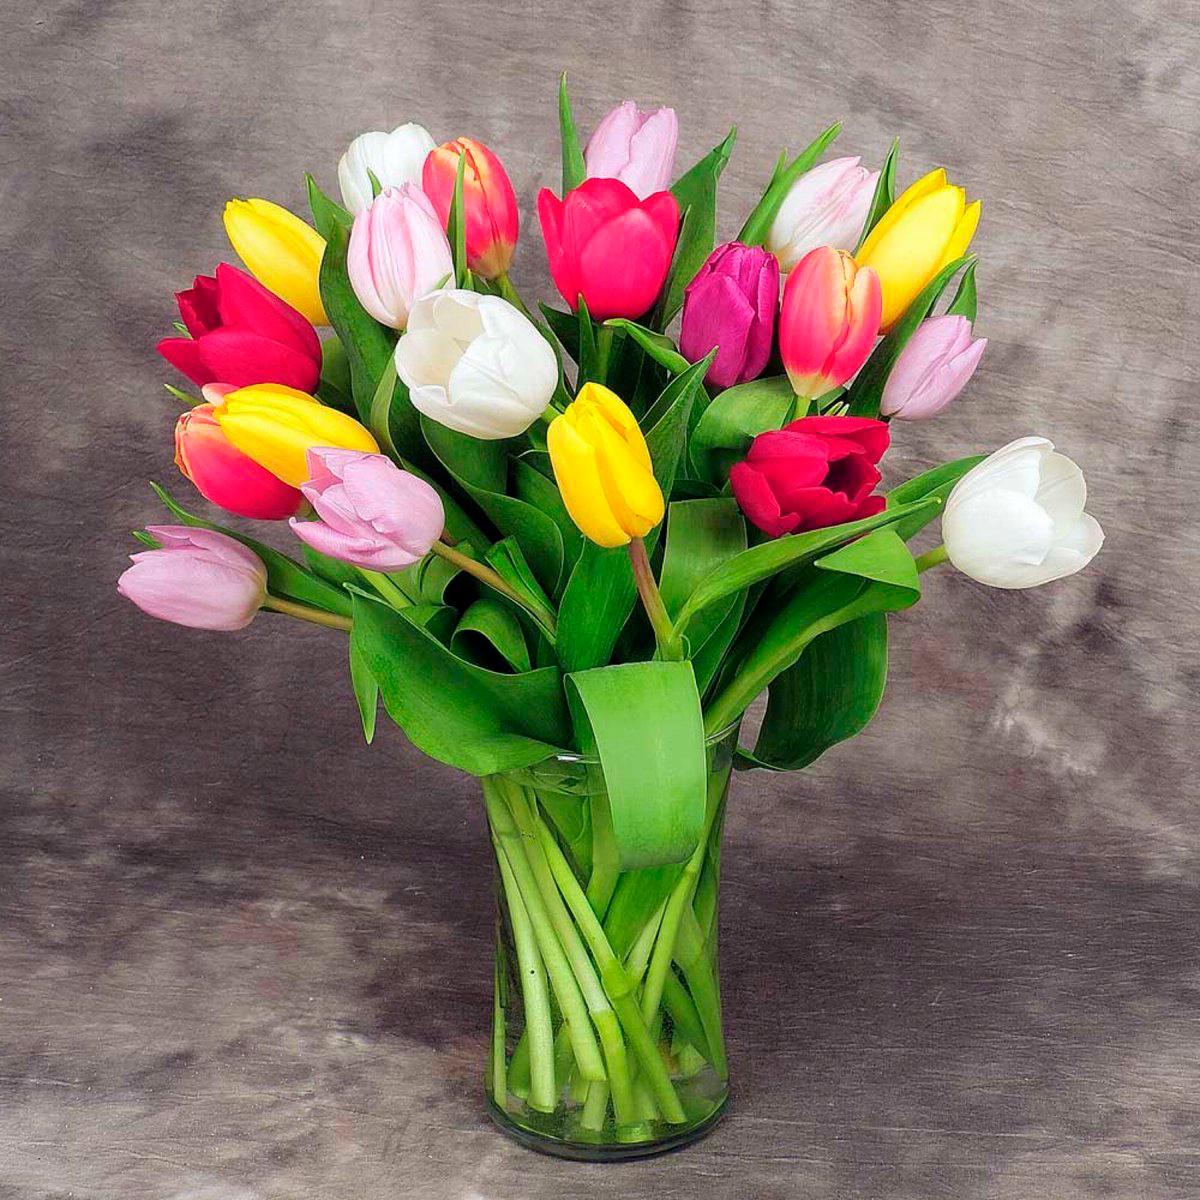 tulip-photo-175